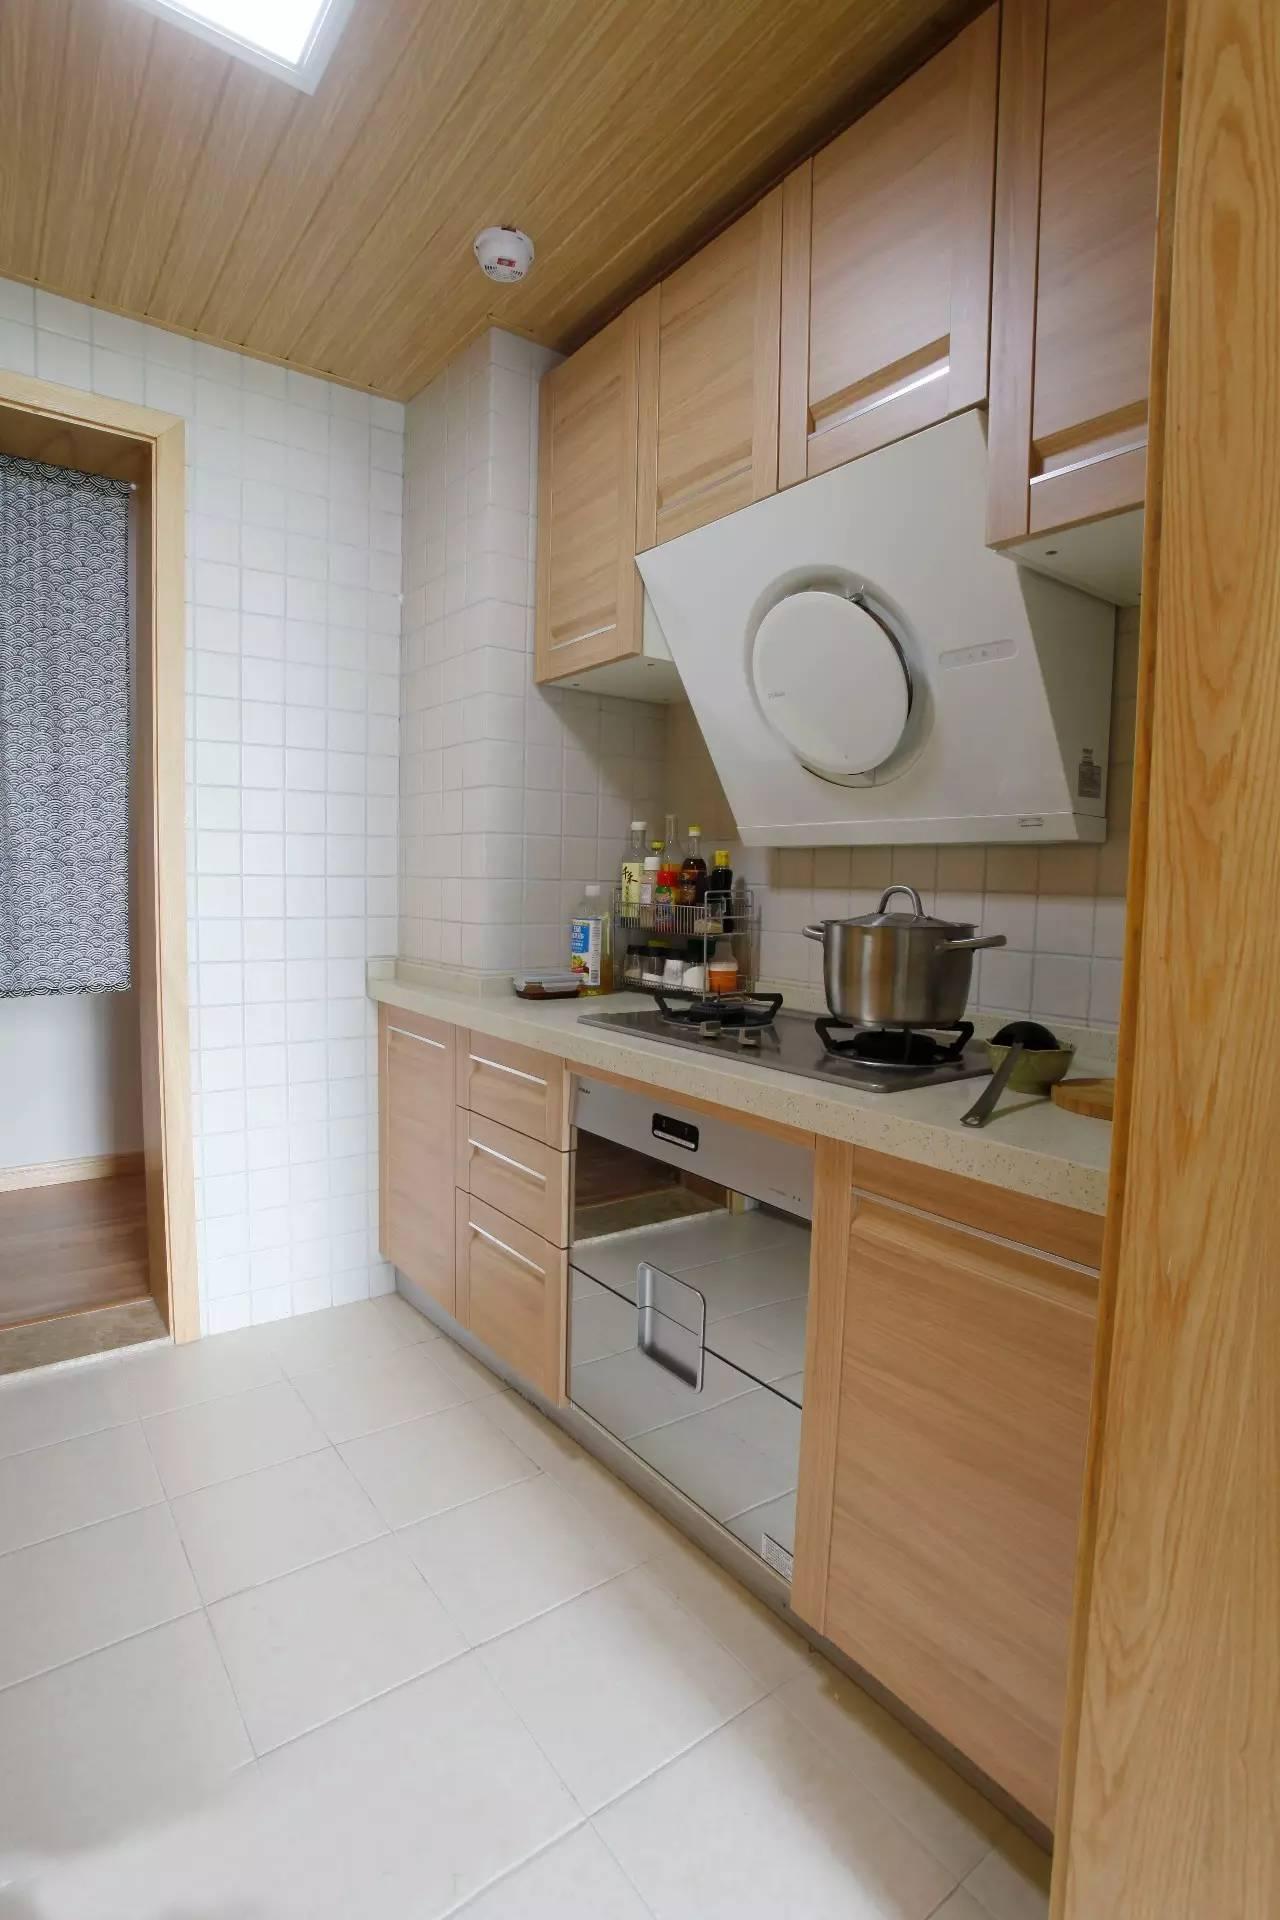 橱柜 厨房 家居 设计 装修 1280_1920 竖版 竖屏